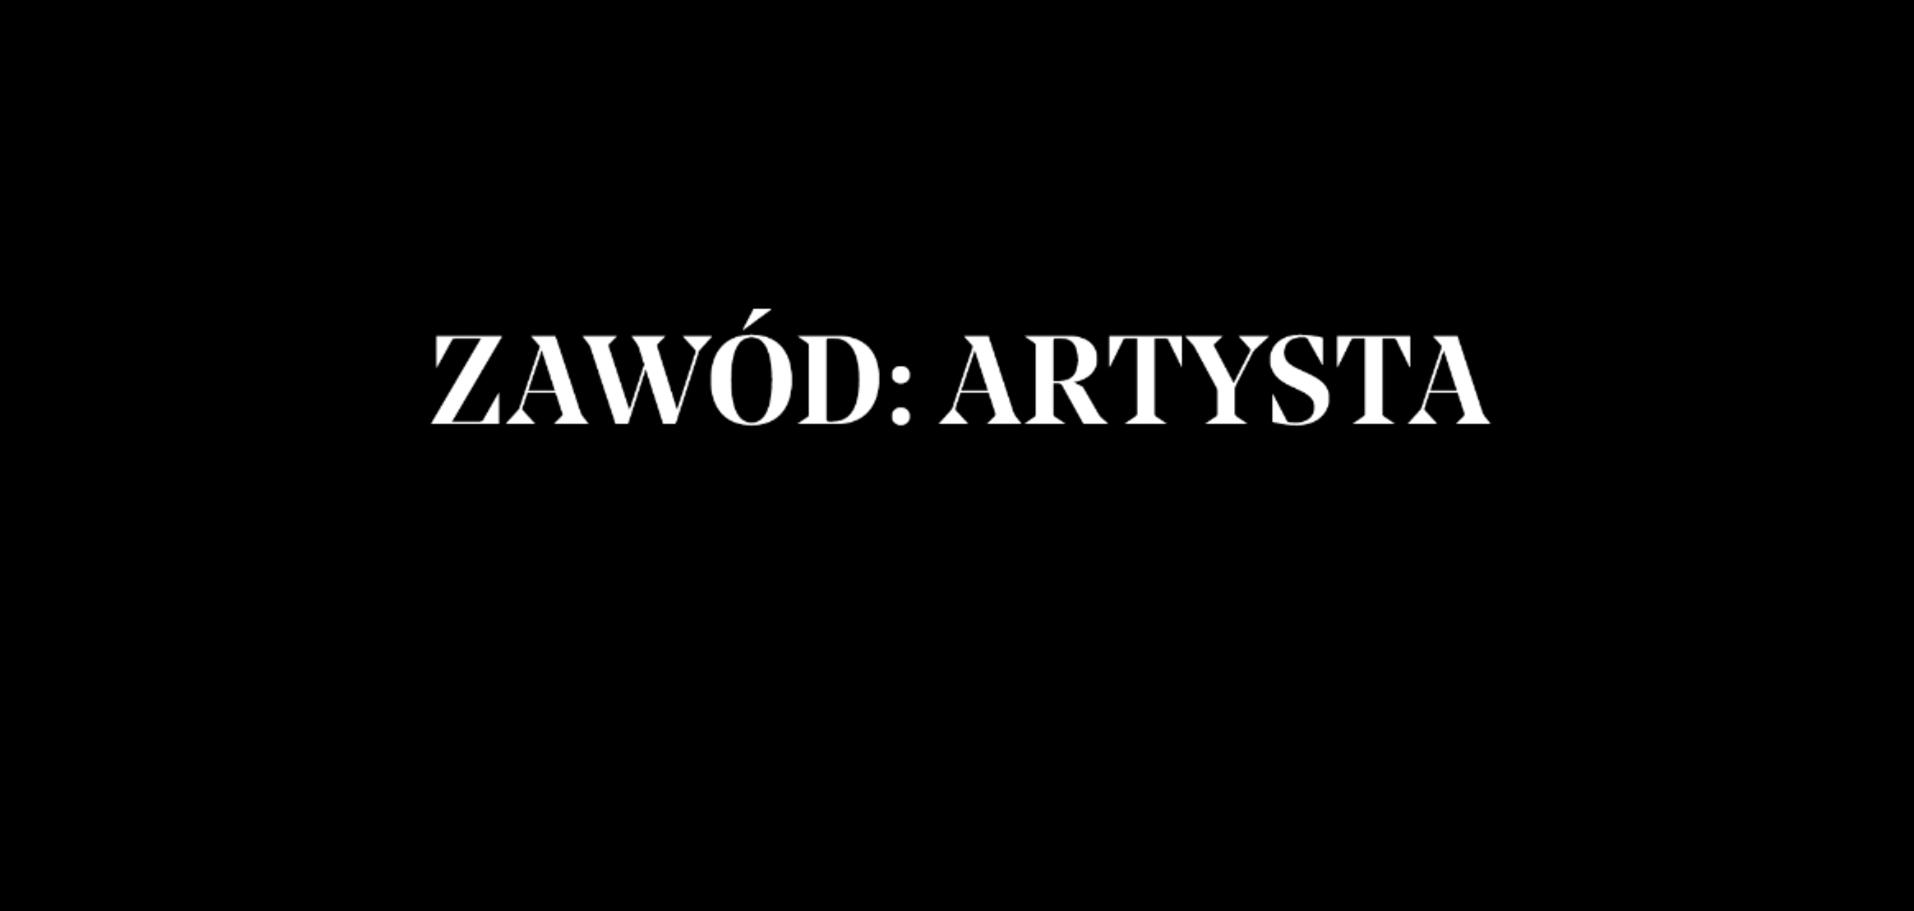 Zawód: artysta / Debata wokół ustawy o uprawnieniach artysty zawodowego